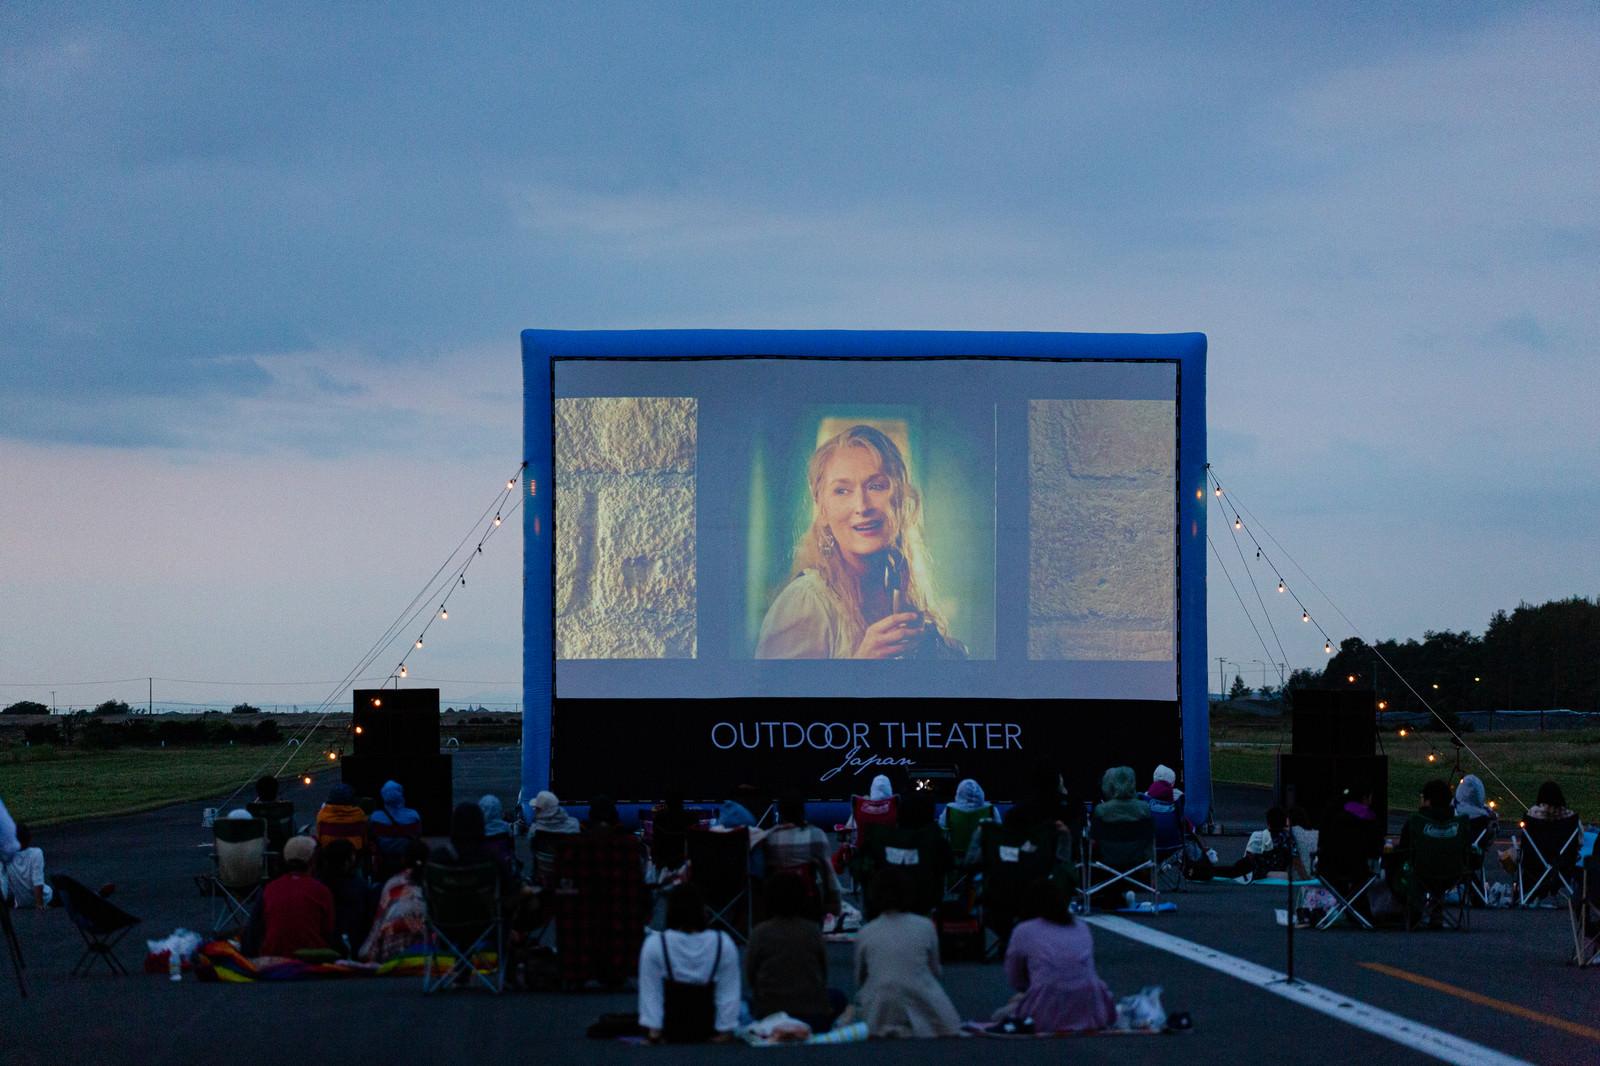 「滑走路で野外映画を楽しむ町の人々」の写真